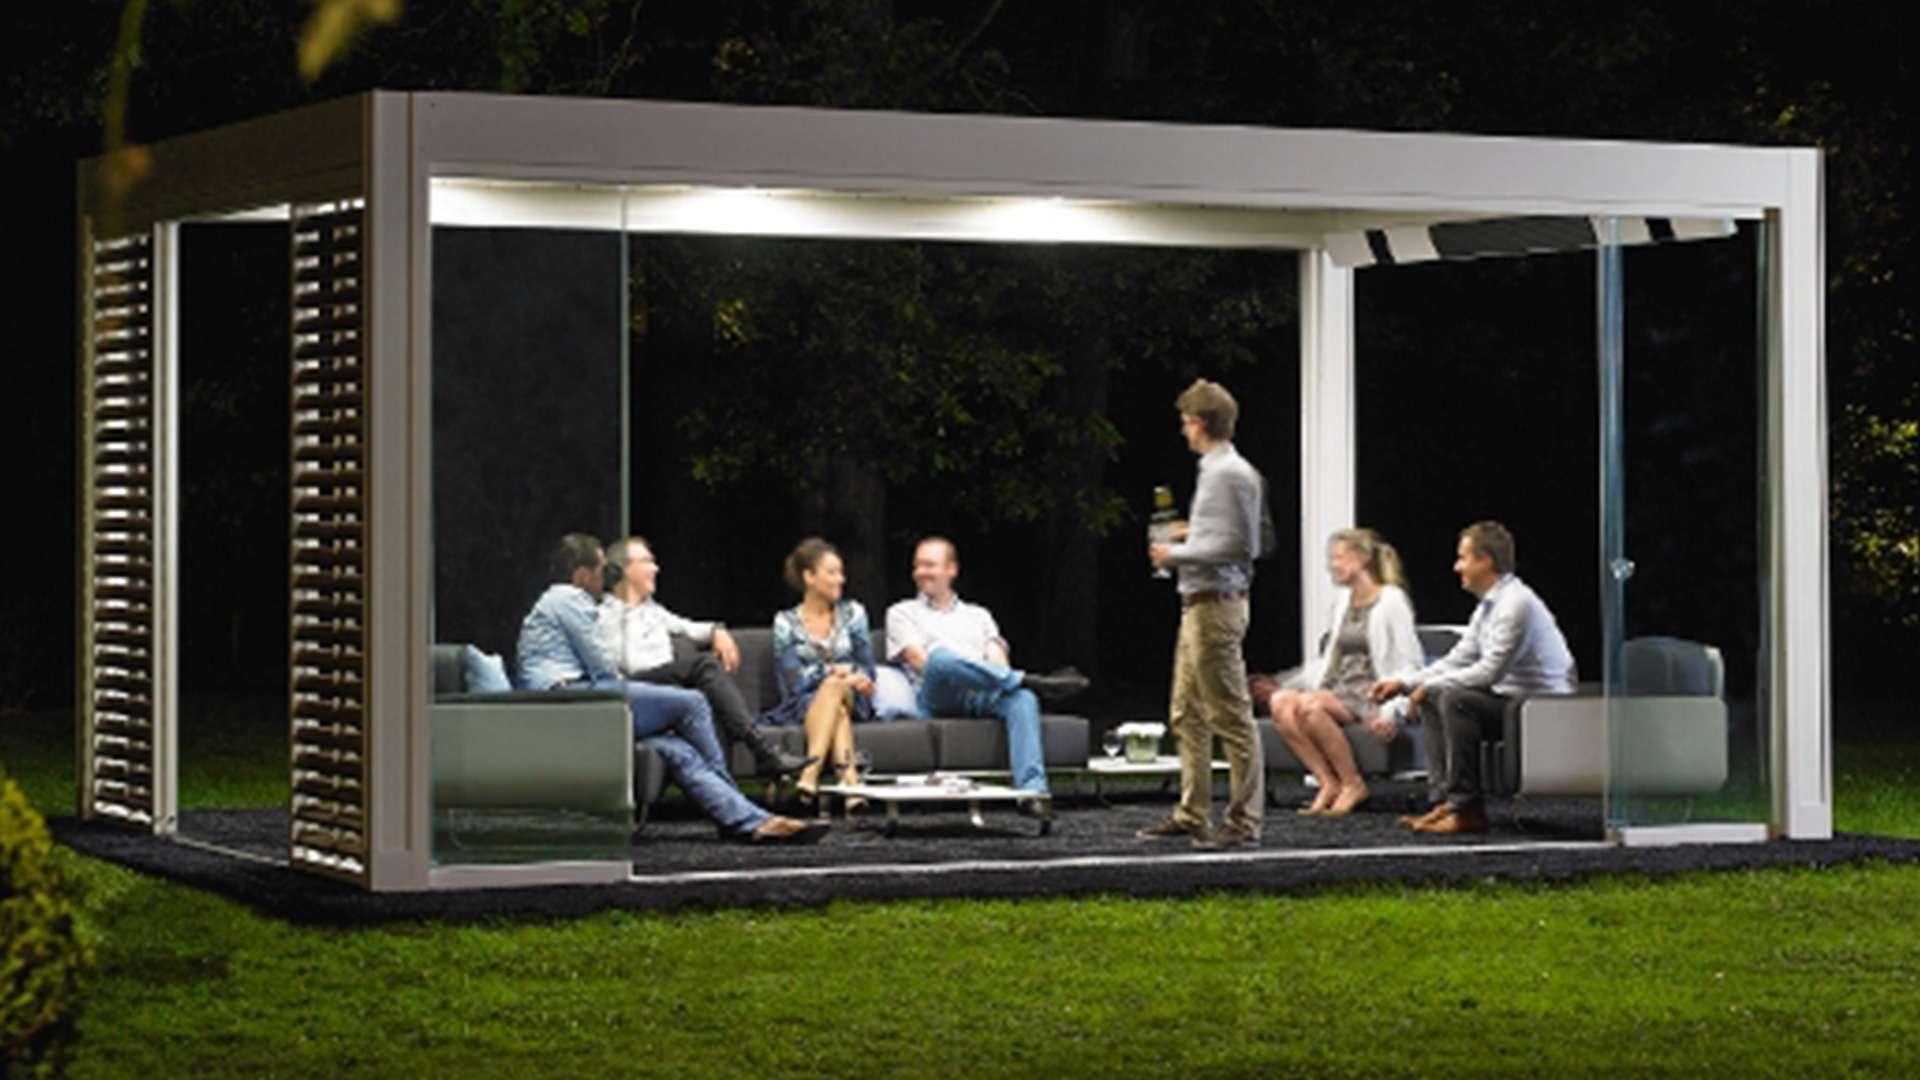 Menschen unter einem freistehenden Lamellendach mit LED-Beleuchtung